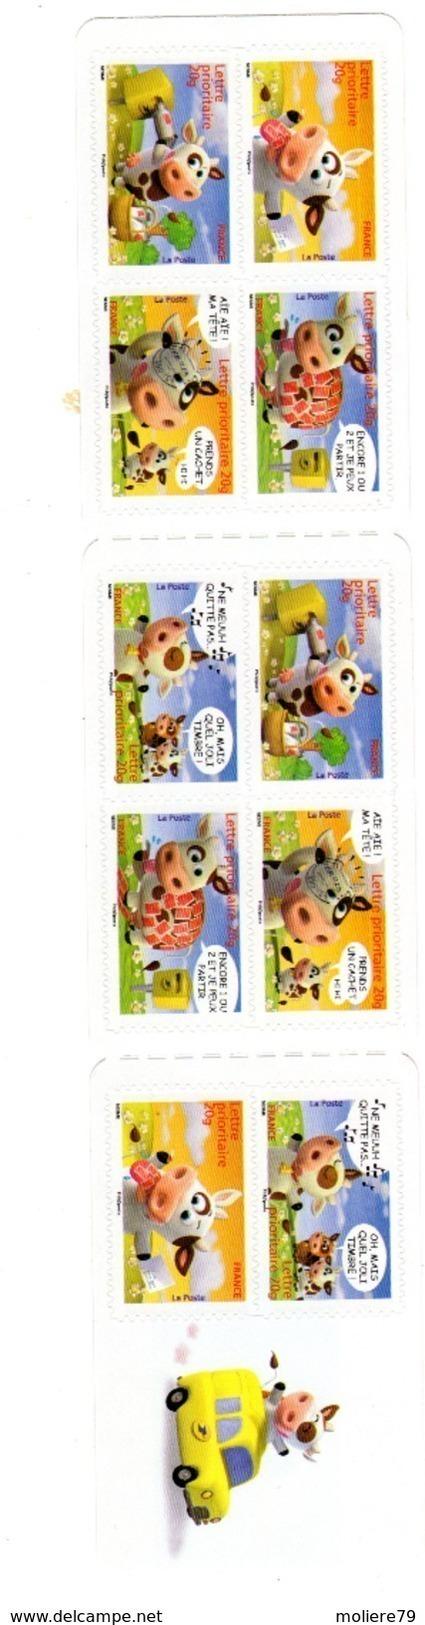 Carnet N° BC134, De 2007 Neuf Et Non Plié, Lettre Prioritaire 10 Timbres , - Carnets